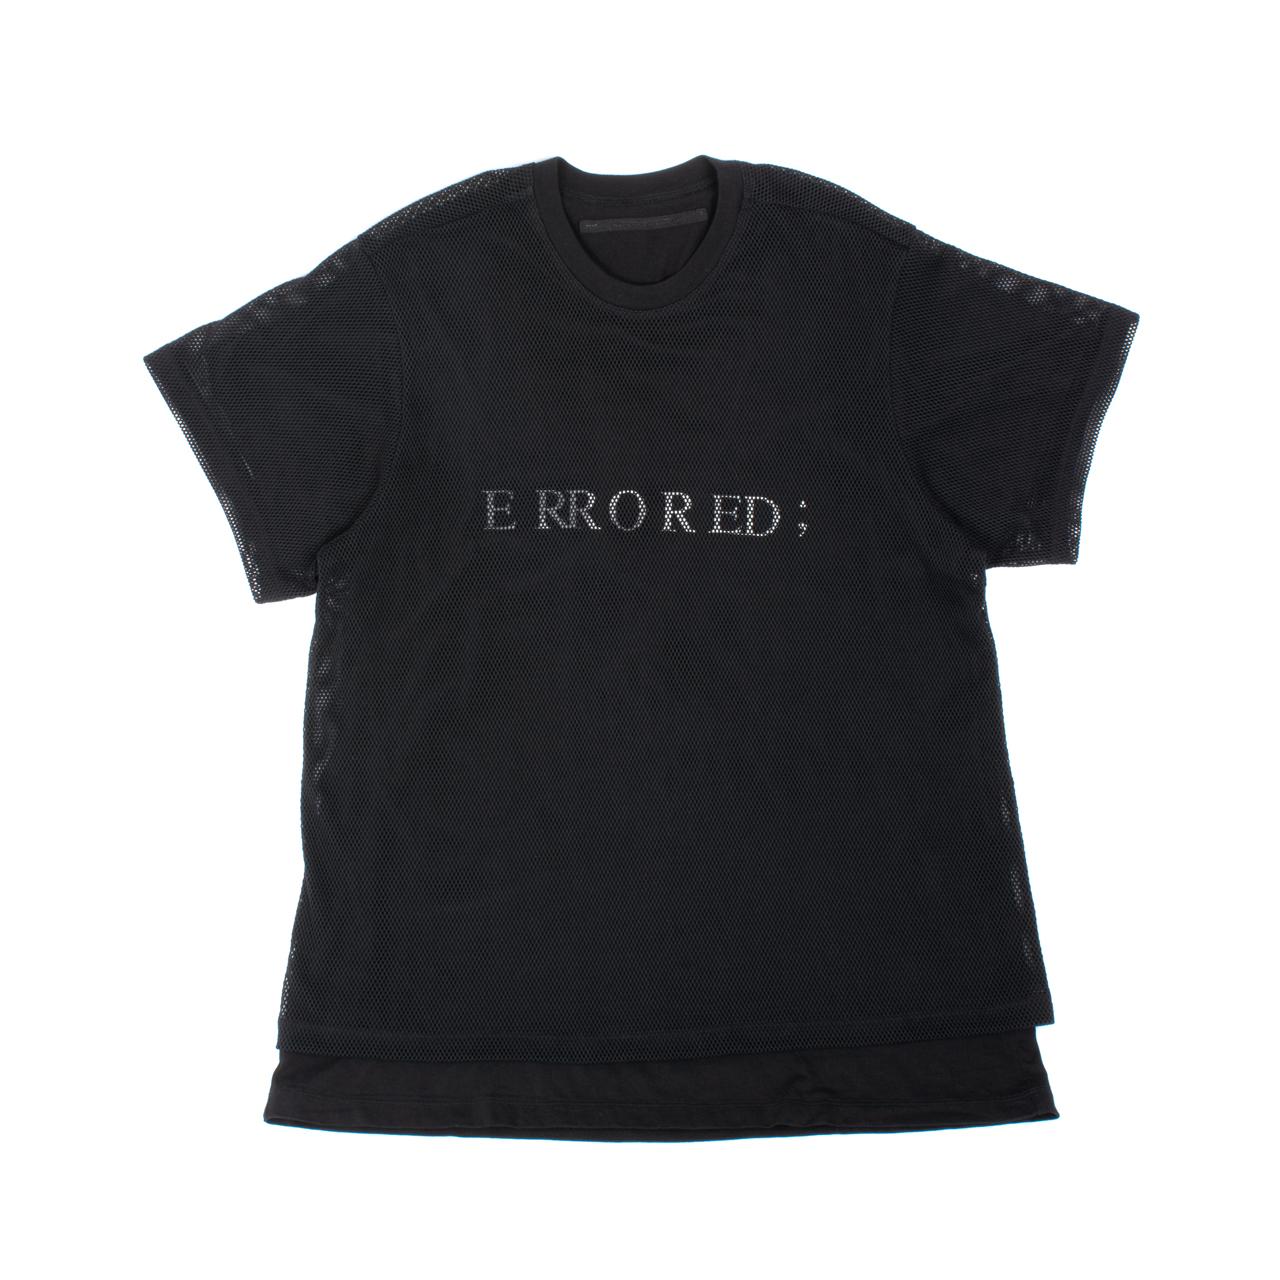 707CUM9-BLACK / メッシュレイヤーTシャツ